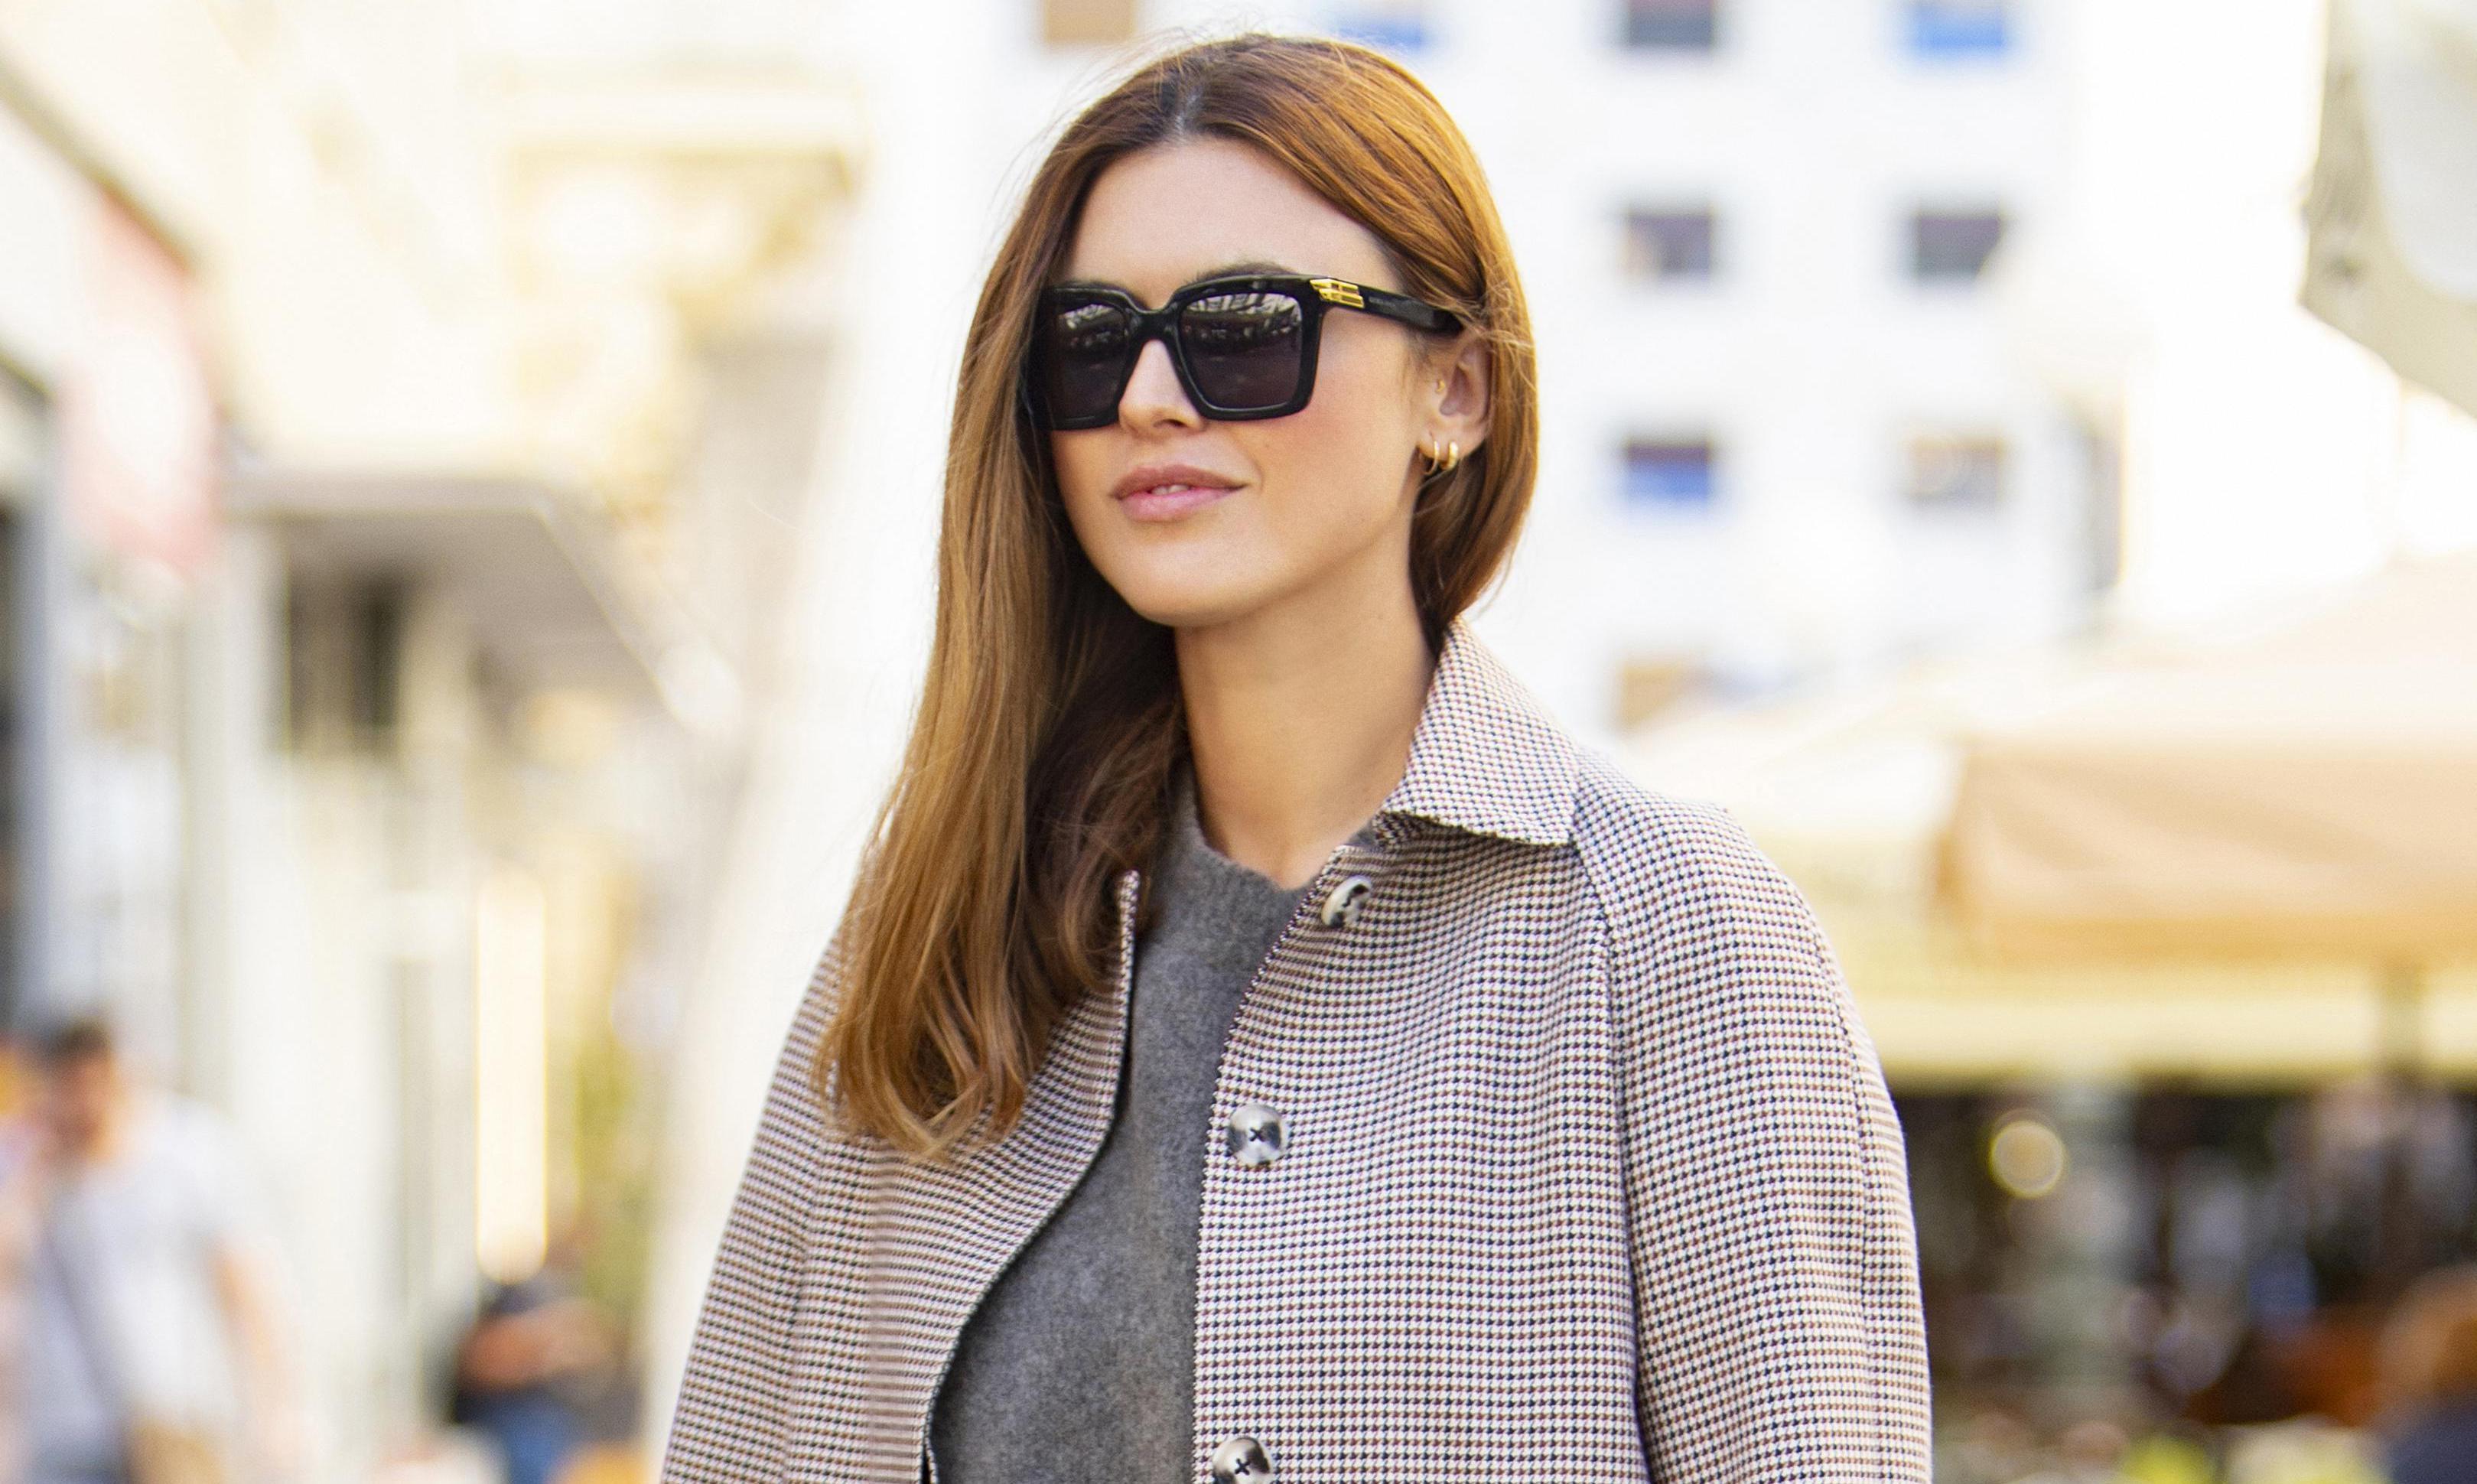 Što kažete na modni odabir Anite Dujić? Odvažno kombinira krznene sandale i karirani kaput